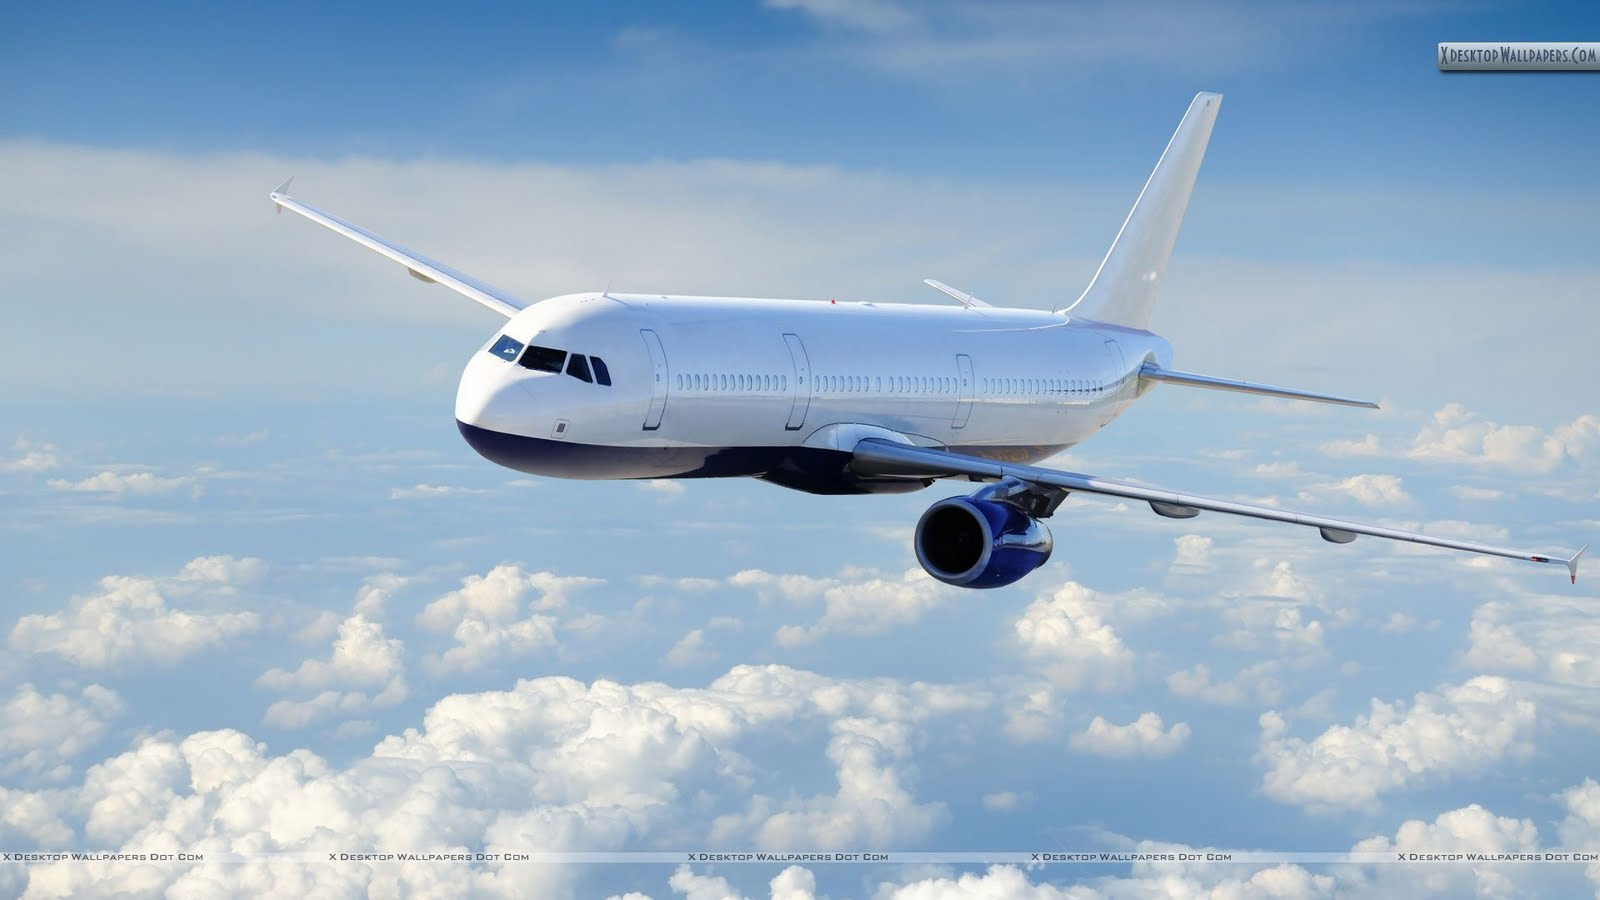 http://3.bp.blogspot.com/-6u0cP2DA5oE/Th-oh1cqFtI/AAAAAAAAAUA/BjmZkcDkUnQ/s1600/Plane-in-Blue-Sky.jpg